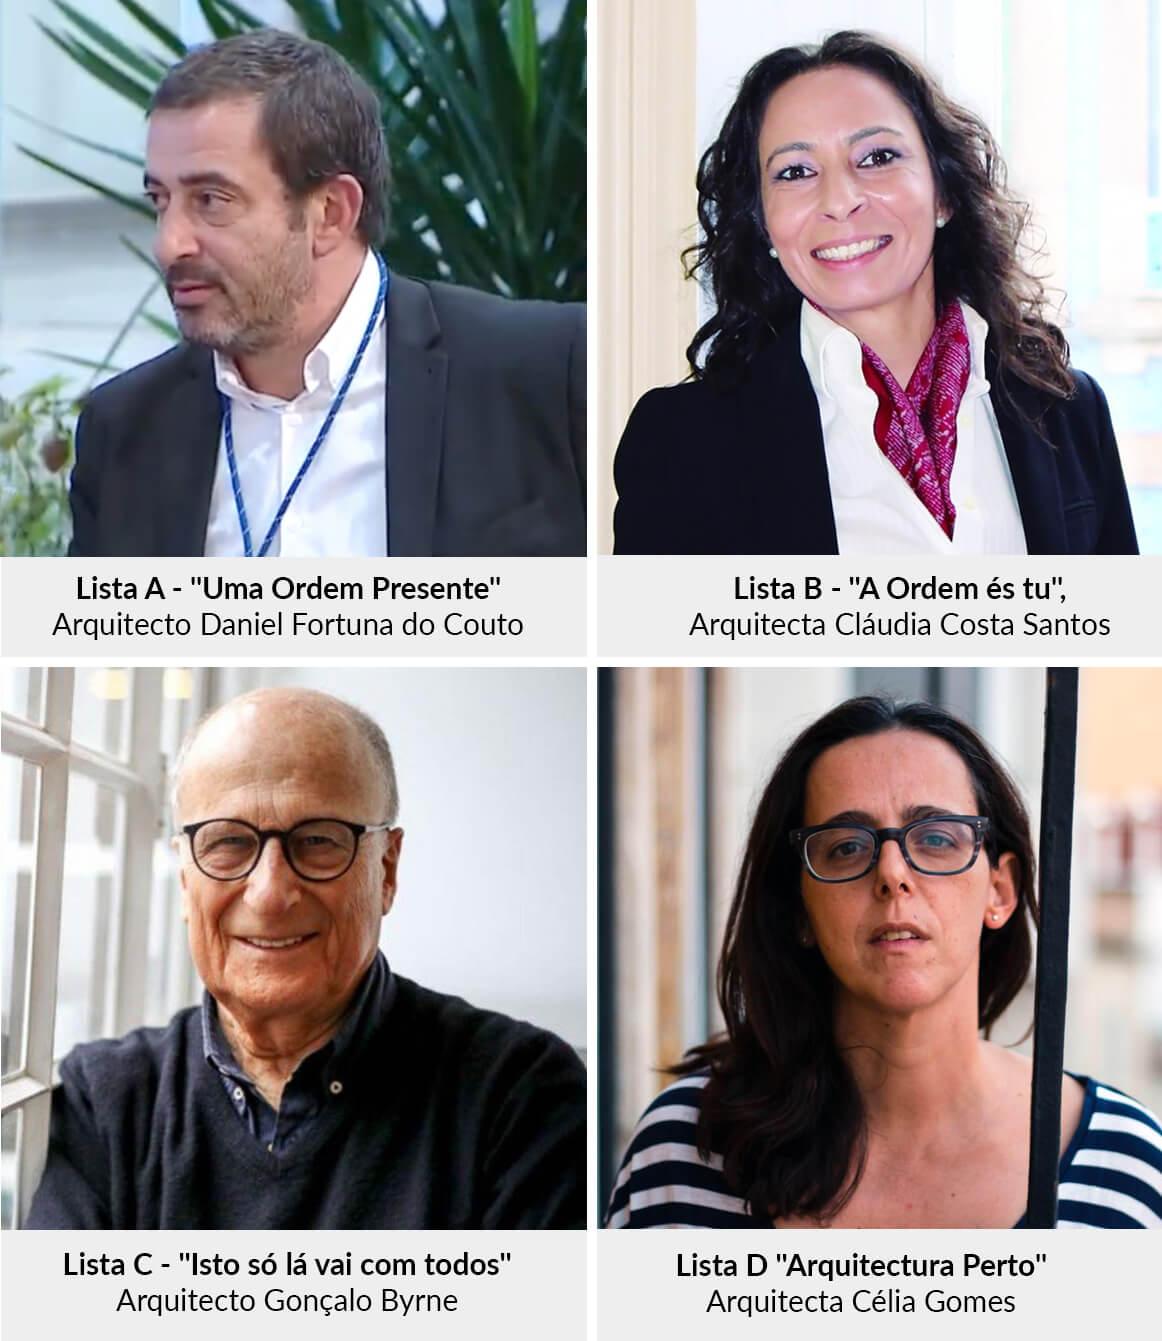 Arquitectos vão a eleições numa ordem que ensaia descentralização